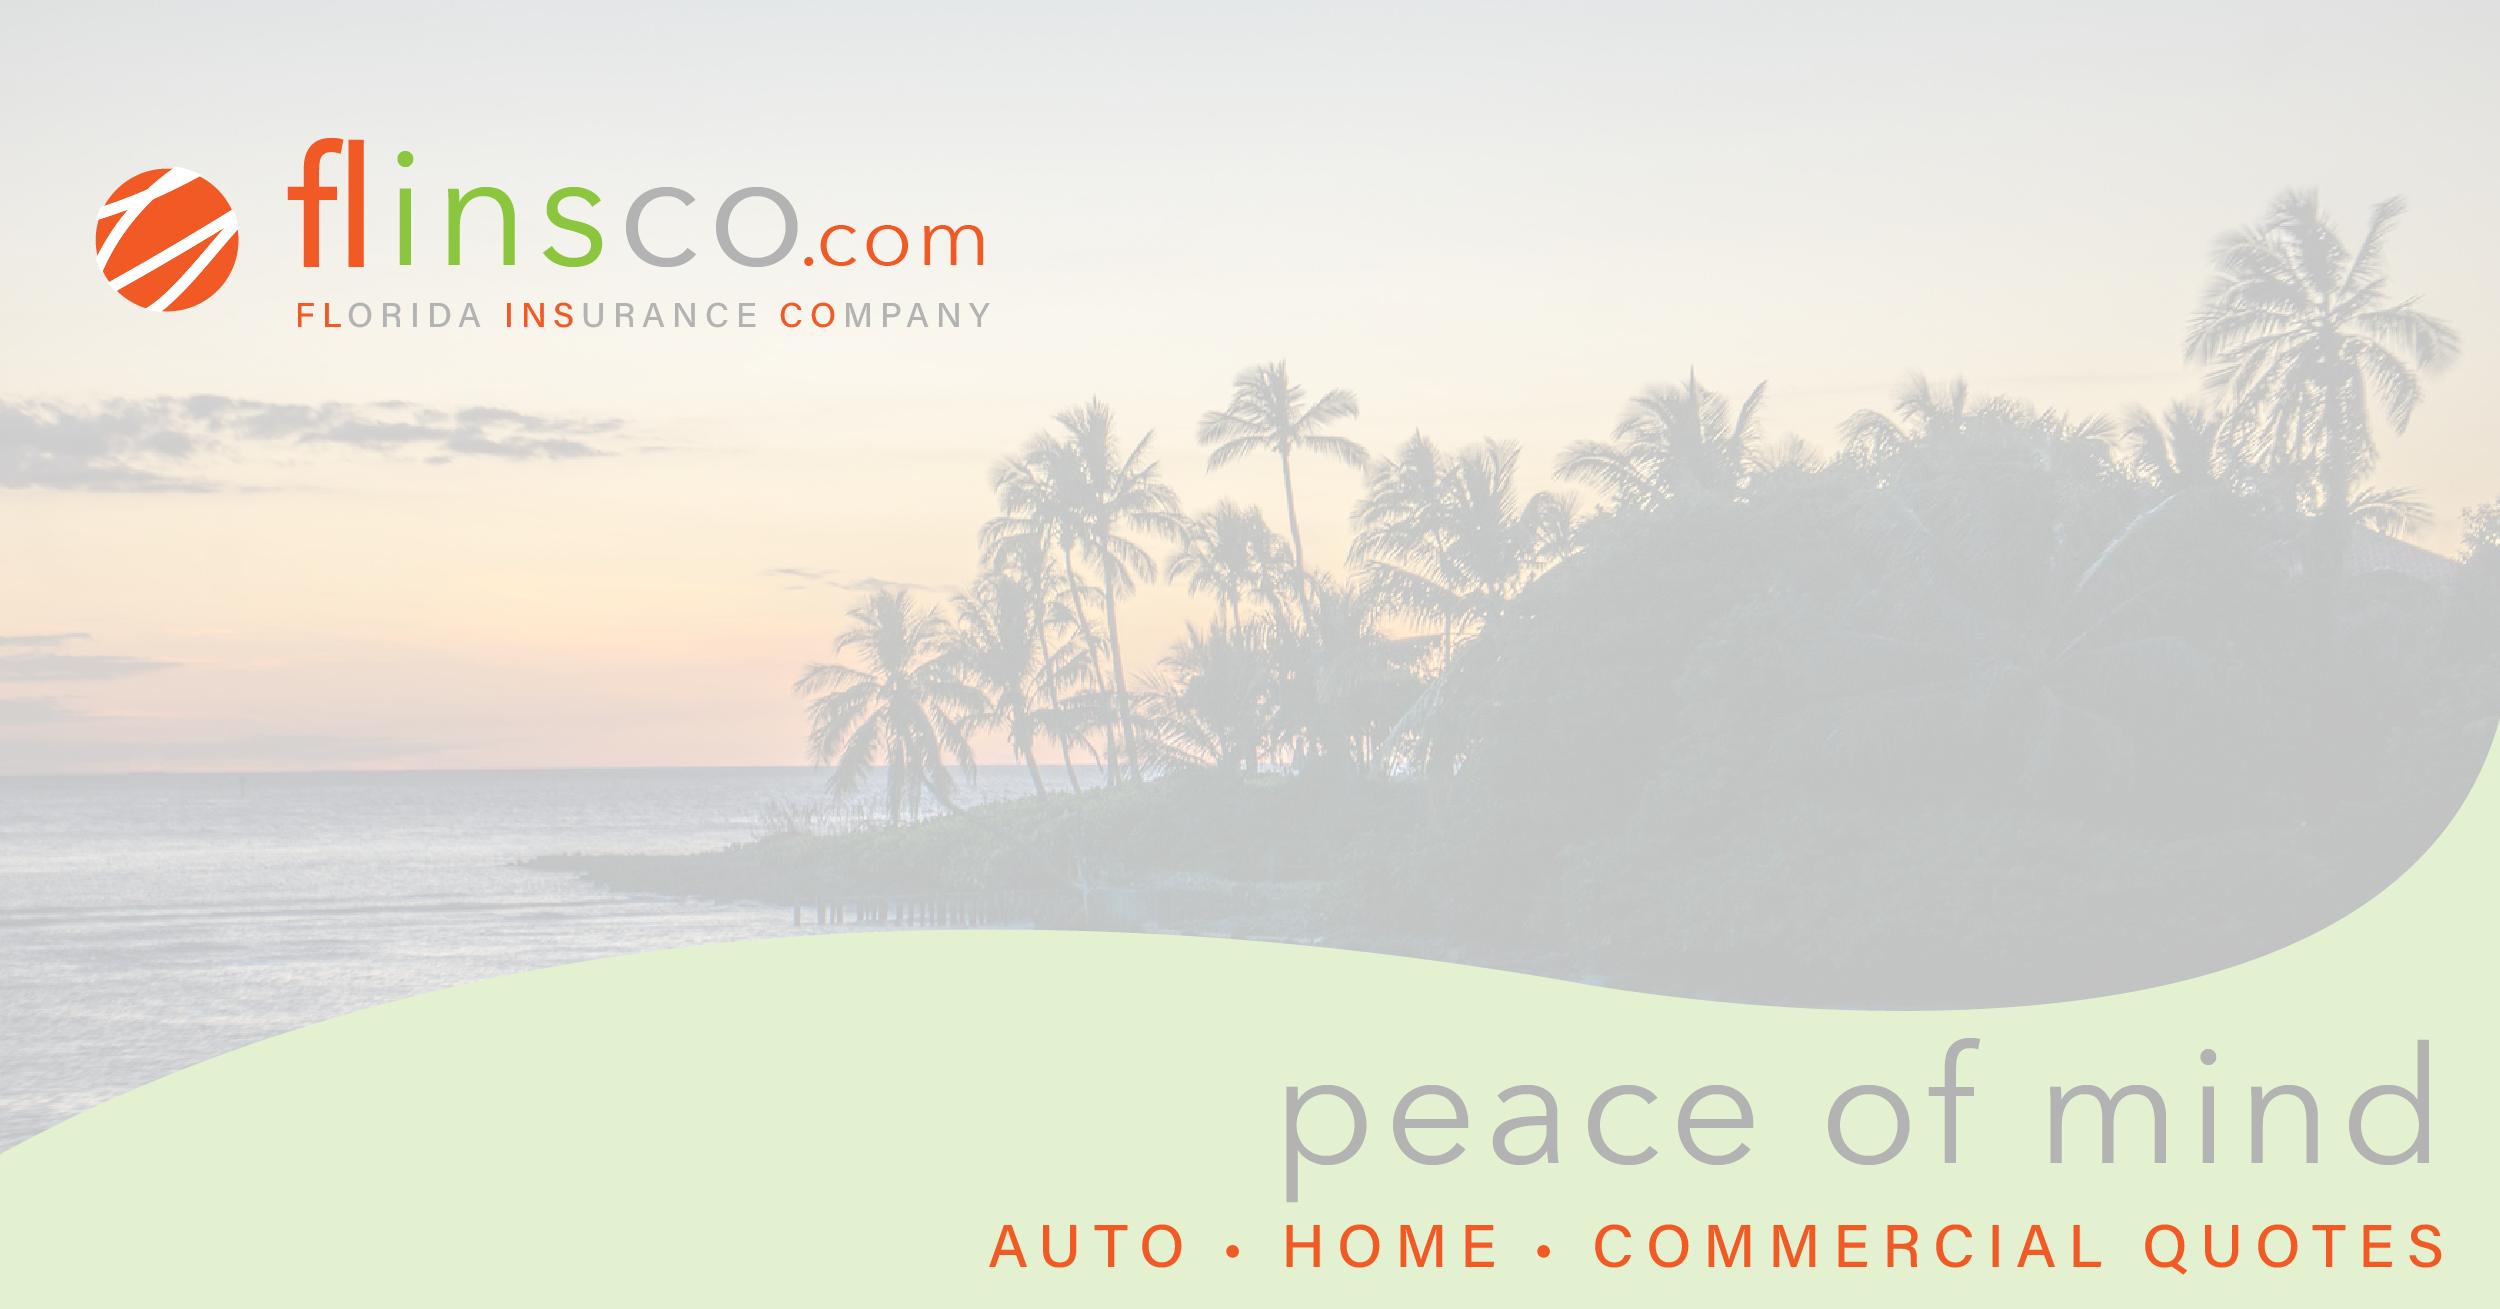 Flinsco.com Florida Insurance Company image 0